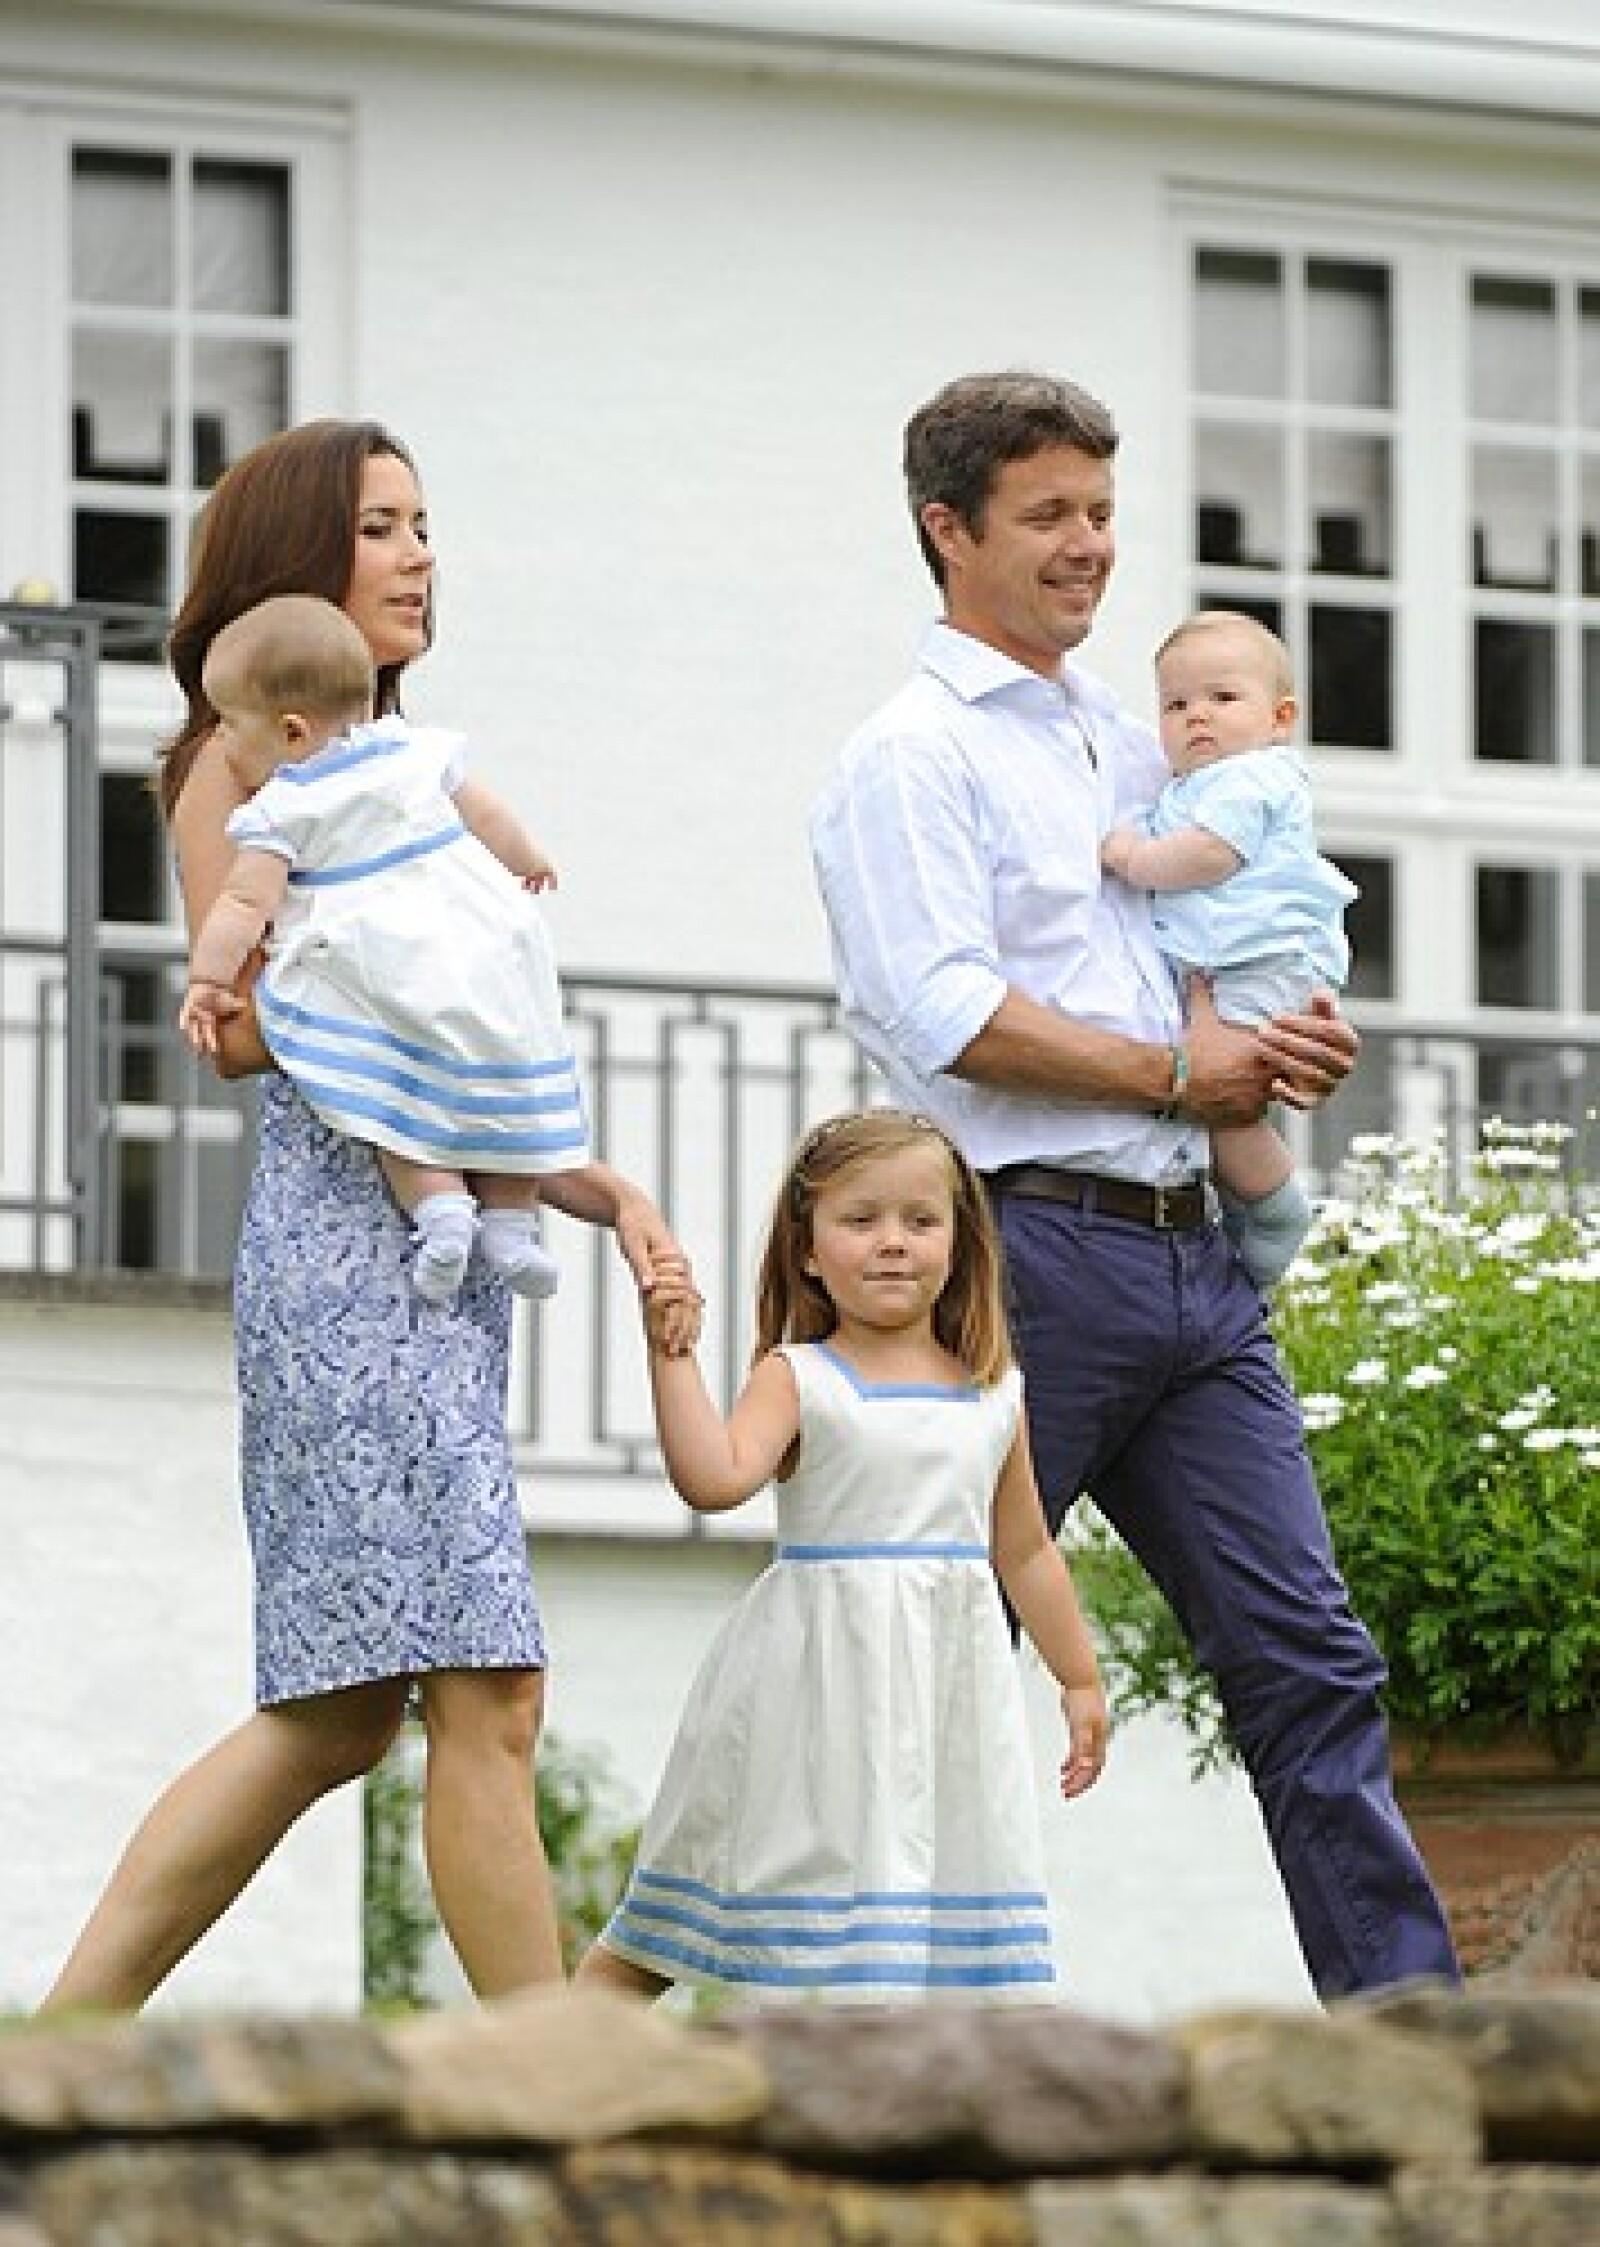 Federico de Dinamarca tiene 4 hijos.